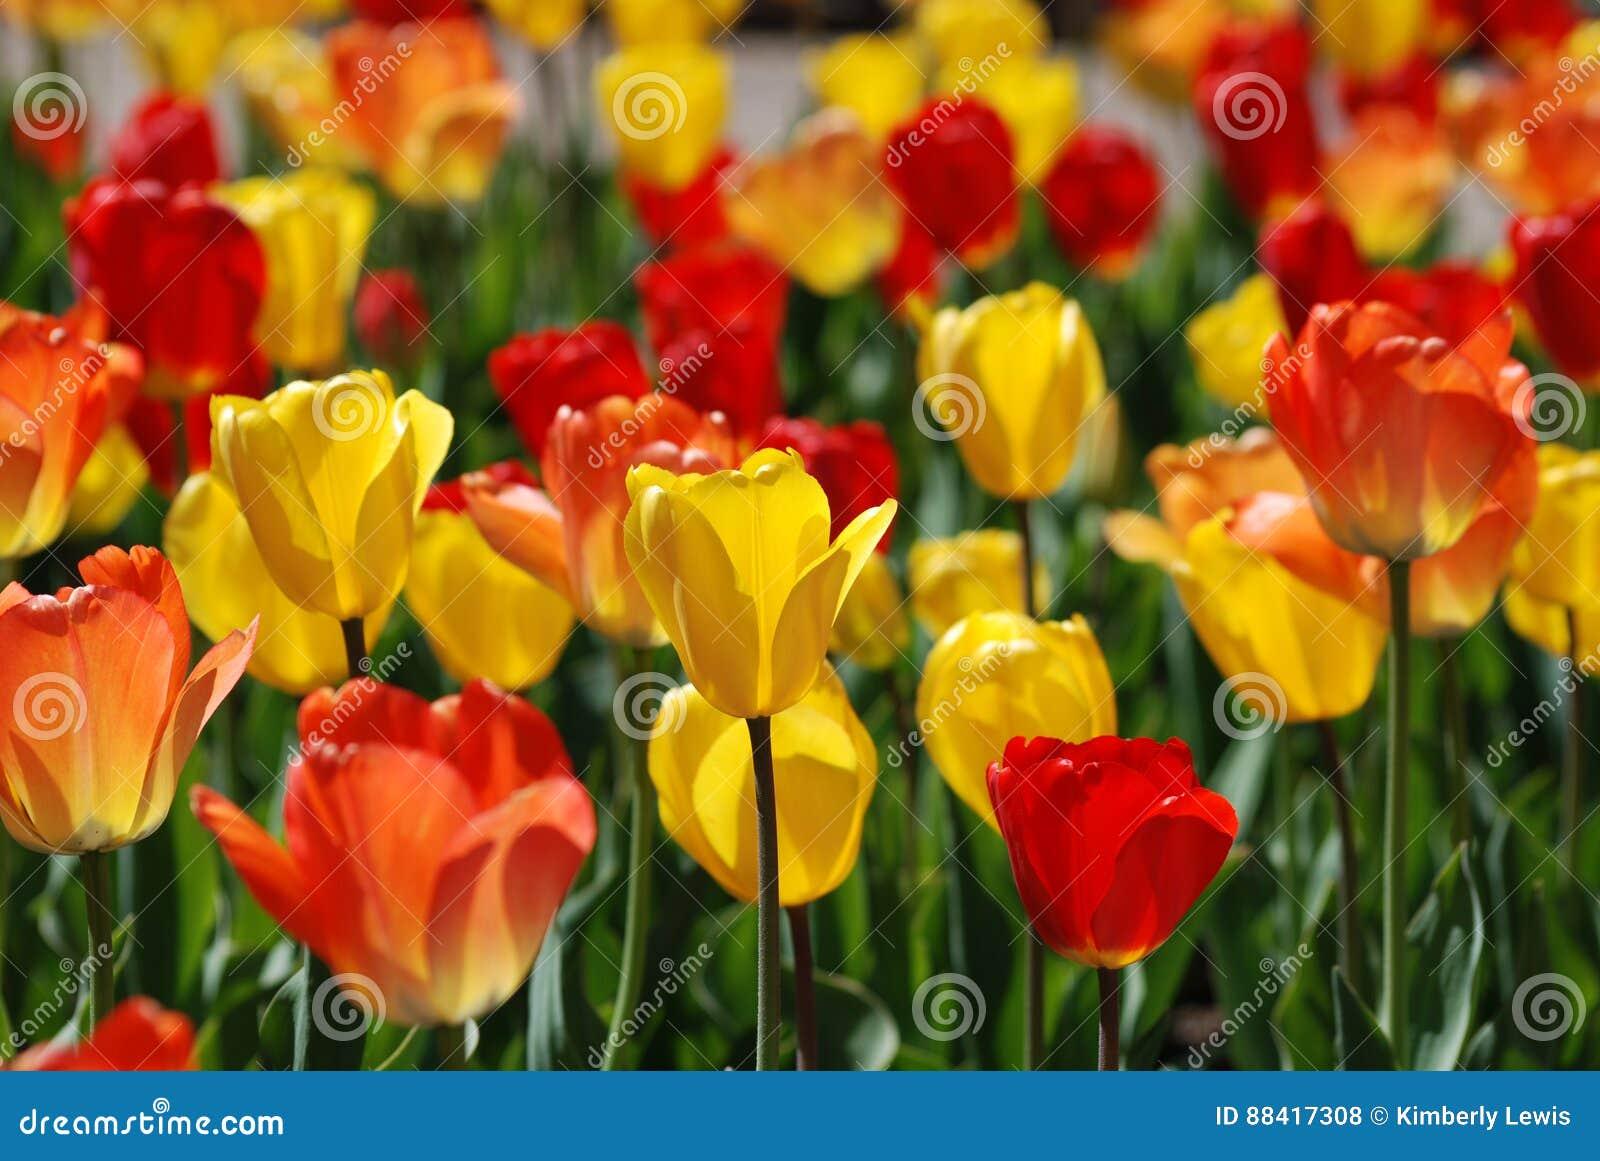 Un campo de tulipanes rojos y amarillos en la primavera